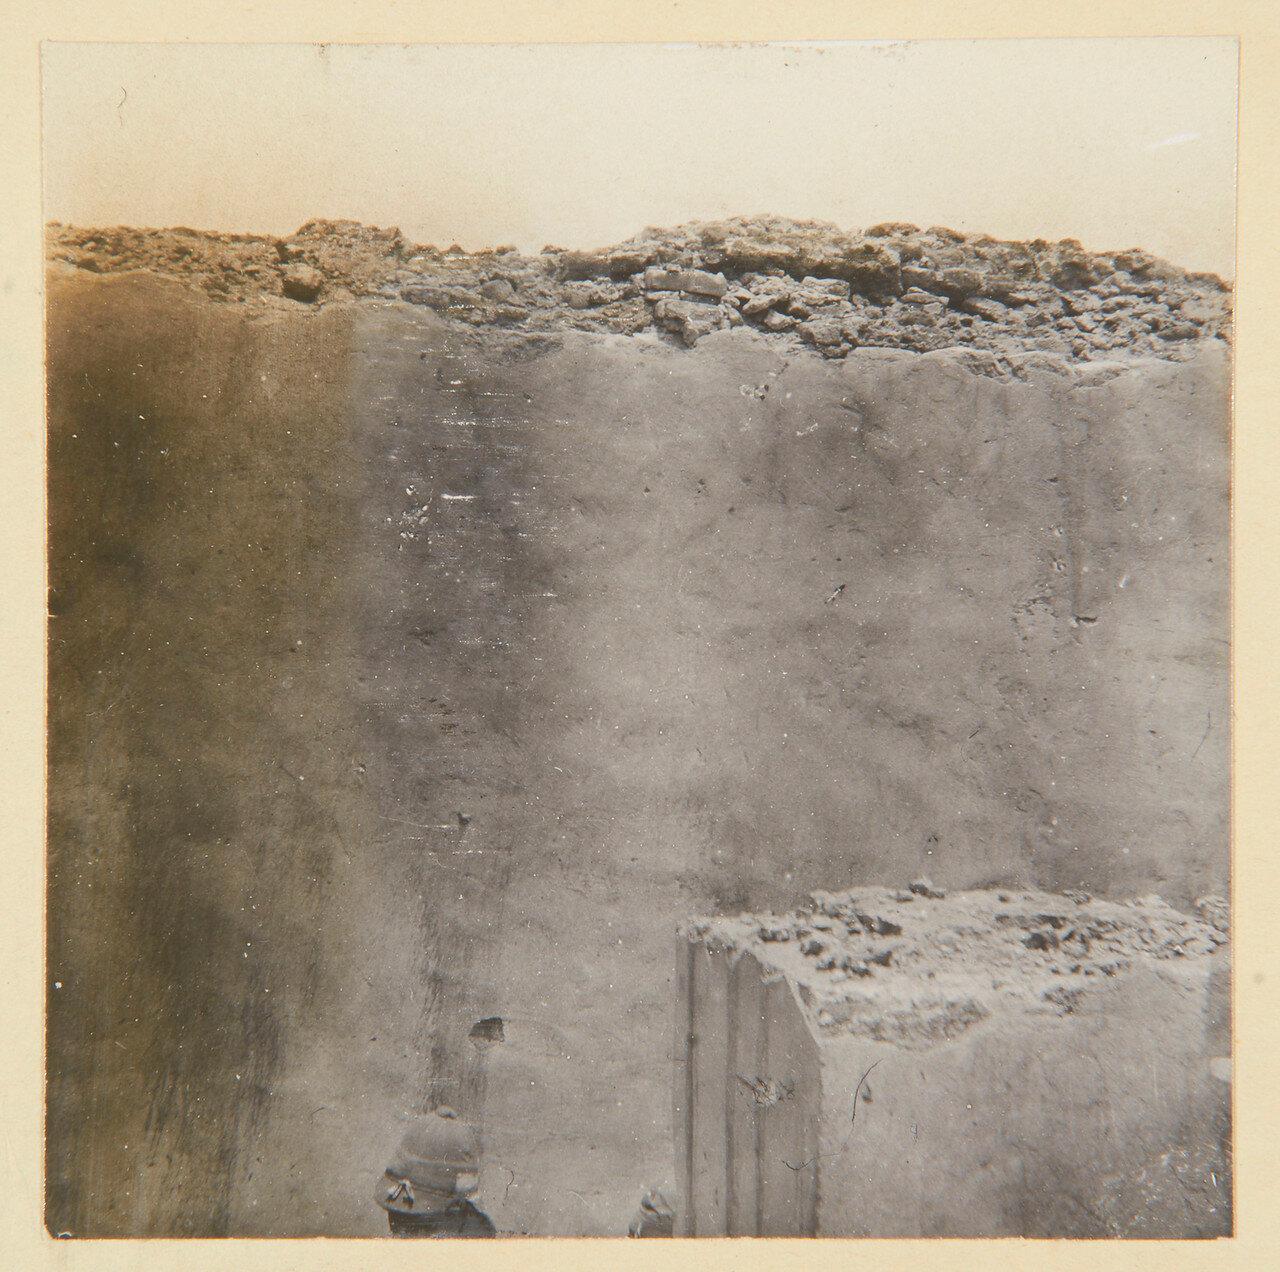 Хартум. Лестница, на которой Гордон принял мученическую смерть. Сентябрь 1898